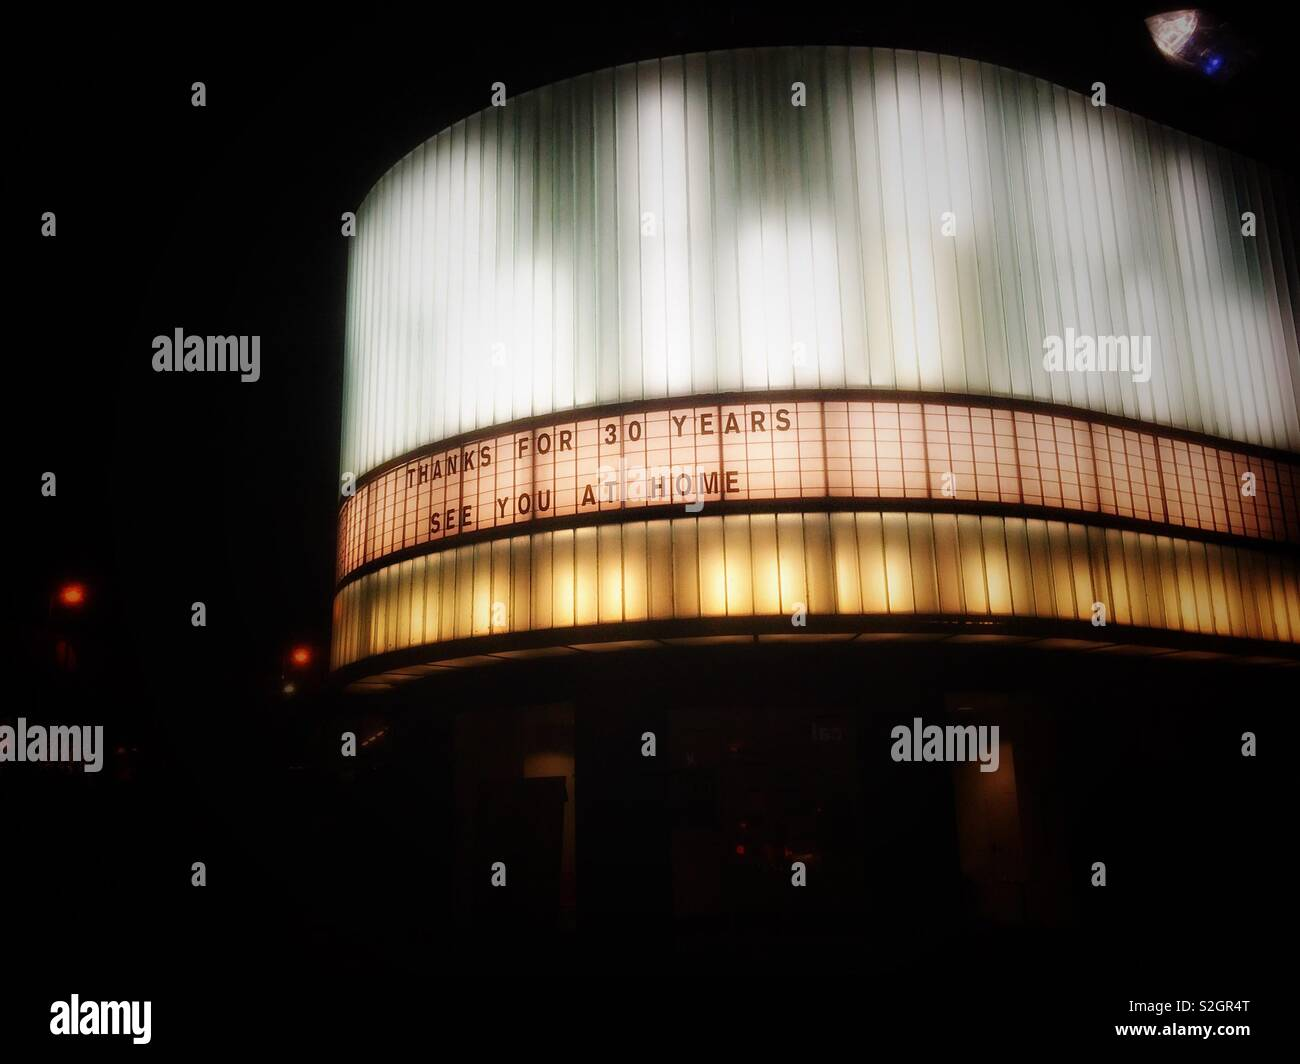 Au revoir le message sur le cinéma Cornerhouse à Manchester Photo Stock